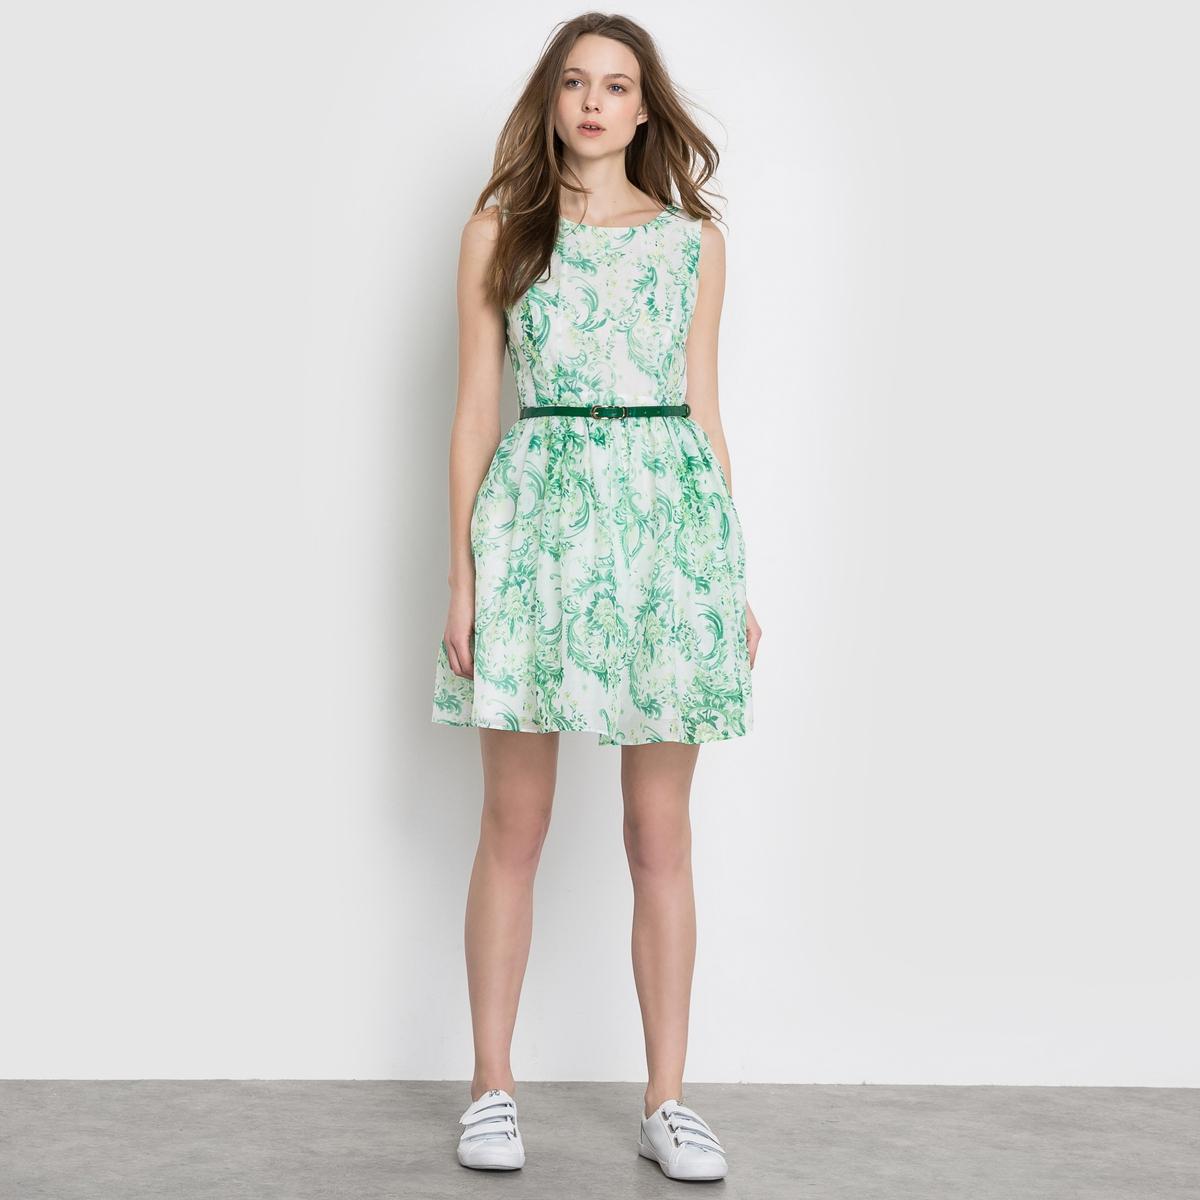 Платье с короткими рукавамиПлатье с принтом MOLLY BRACKEN . Короткие рукава. Круглый вырез. Тонкий зеленый ремешок . Большой V-образный вырез сзади . Состав и описание                      Материал: 100% полиэстера                     Марка MOLLY BRACKEN<br><br>Цвет: белый/зеленый<br>Размер: M